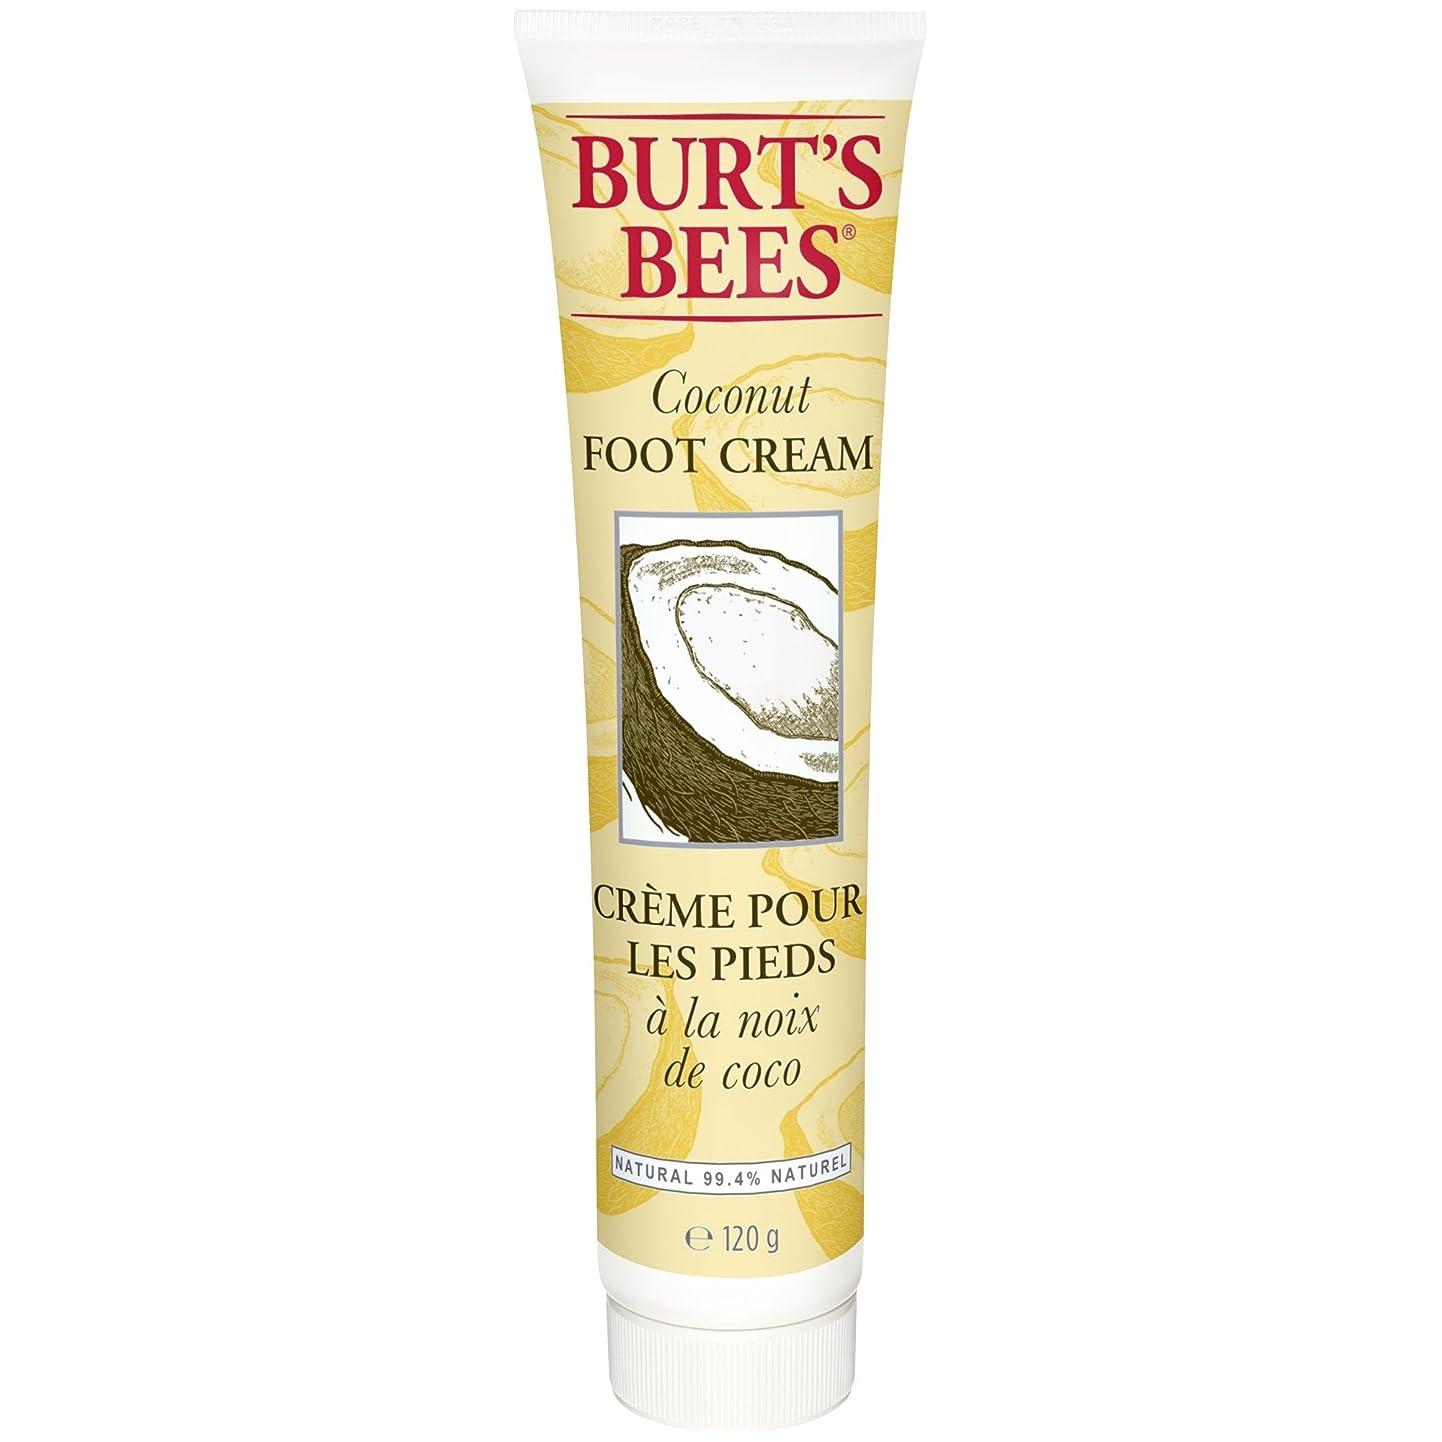 逆さまにカリングライブバーツビーのココナッツフットクリーム123グラム (Burt's Bees) - Burt's Bees Coconut Foot Creme 123g [並行輸入品]